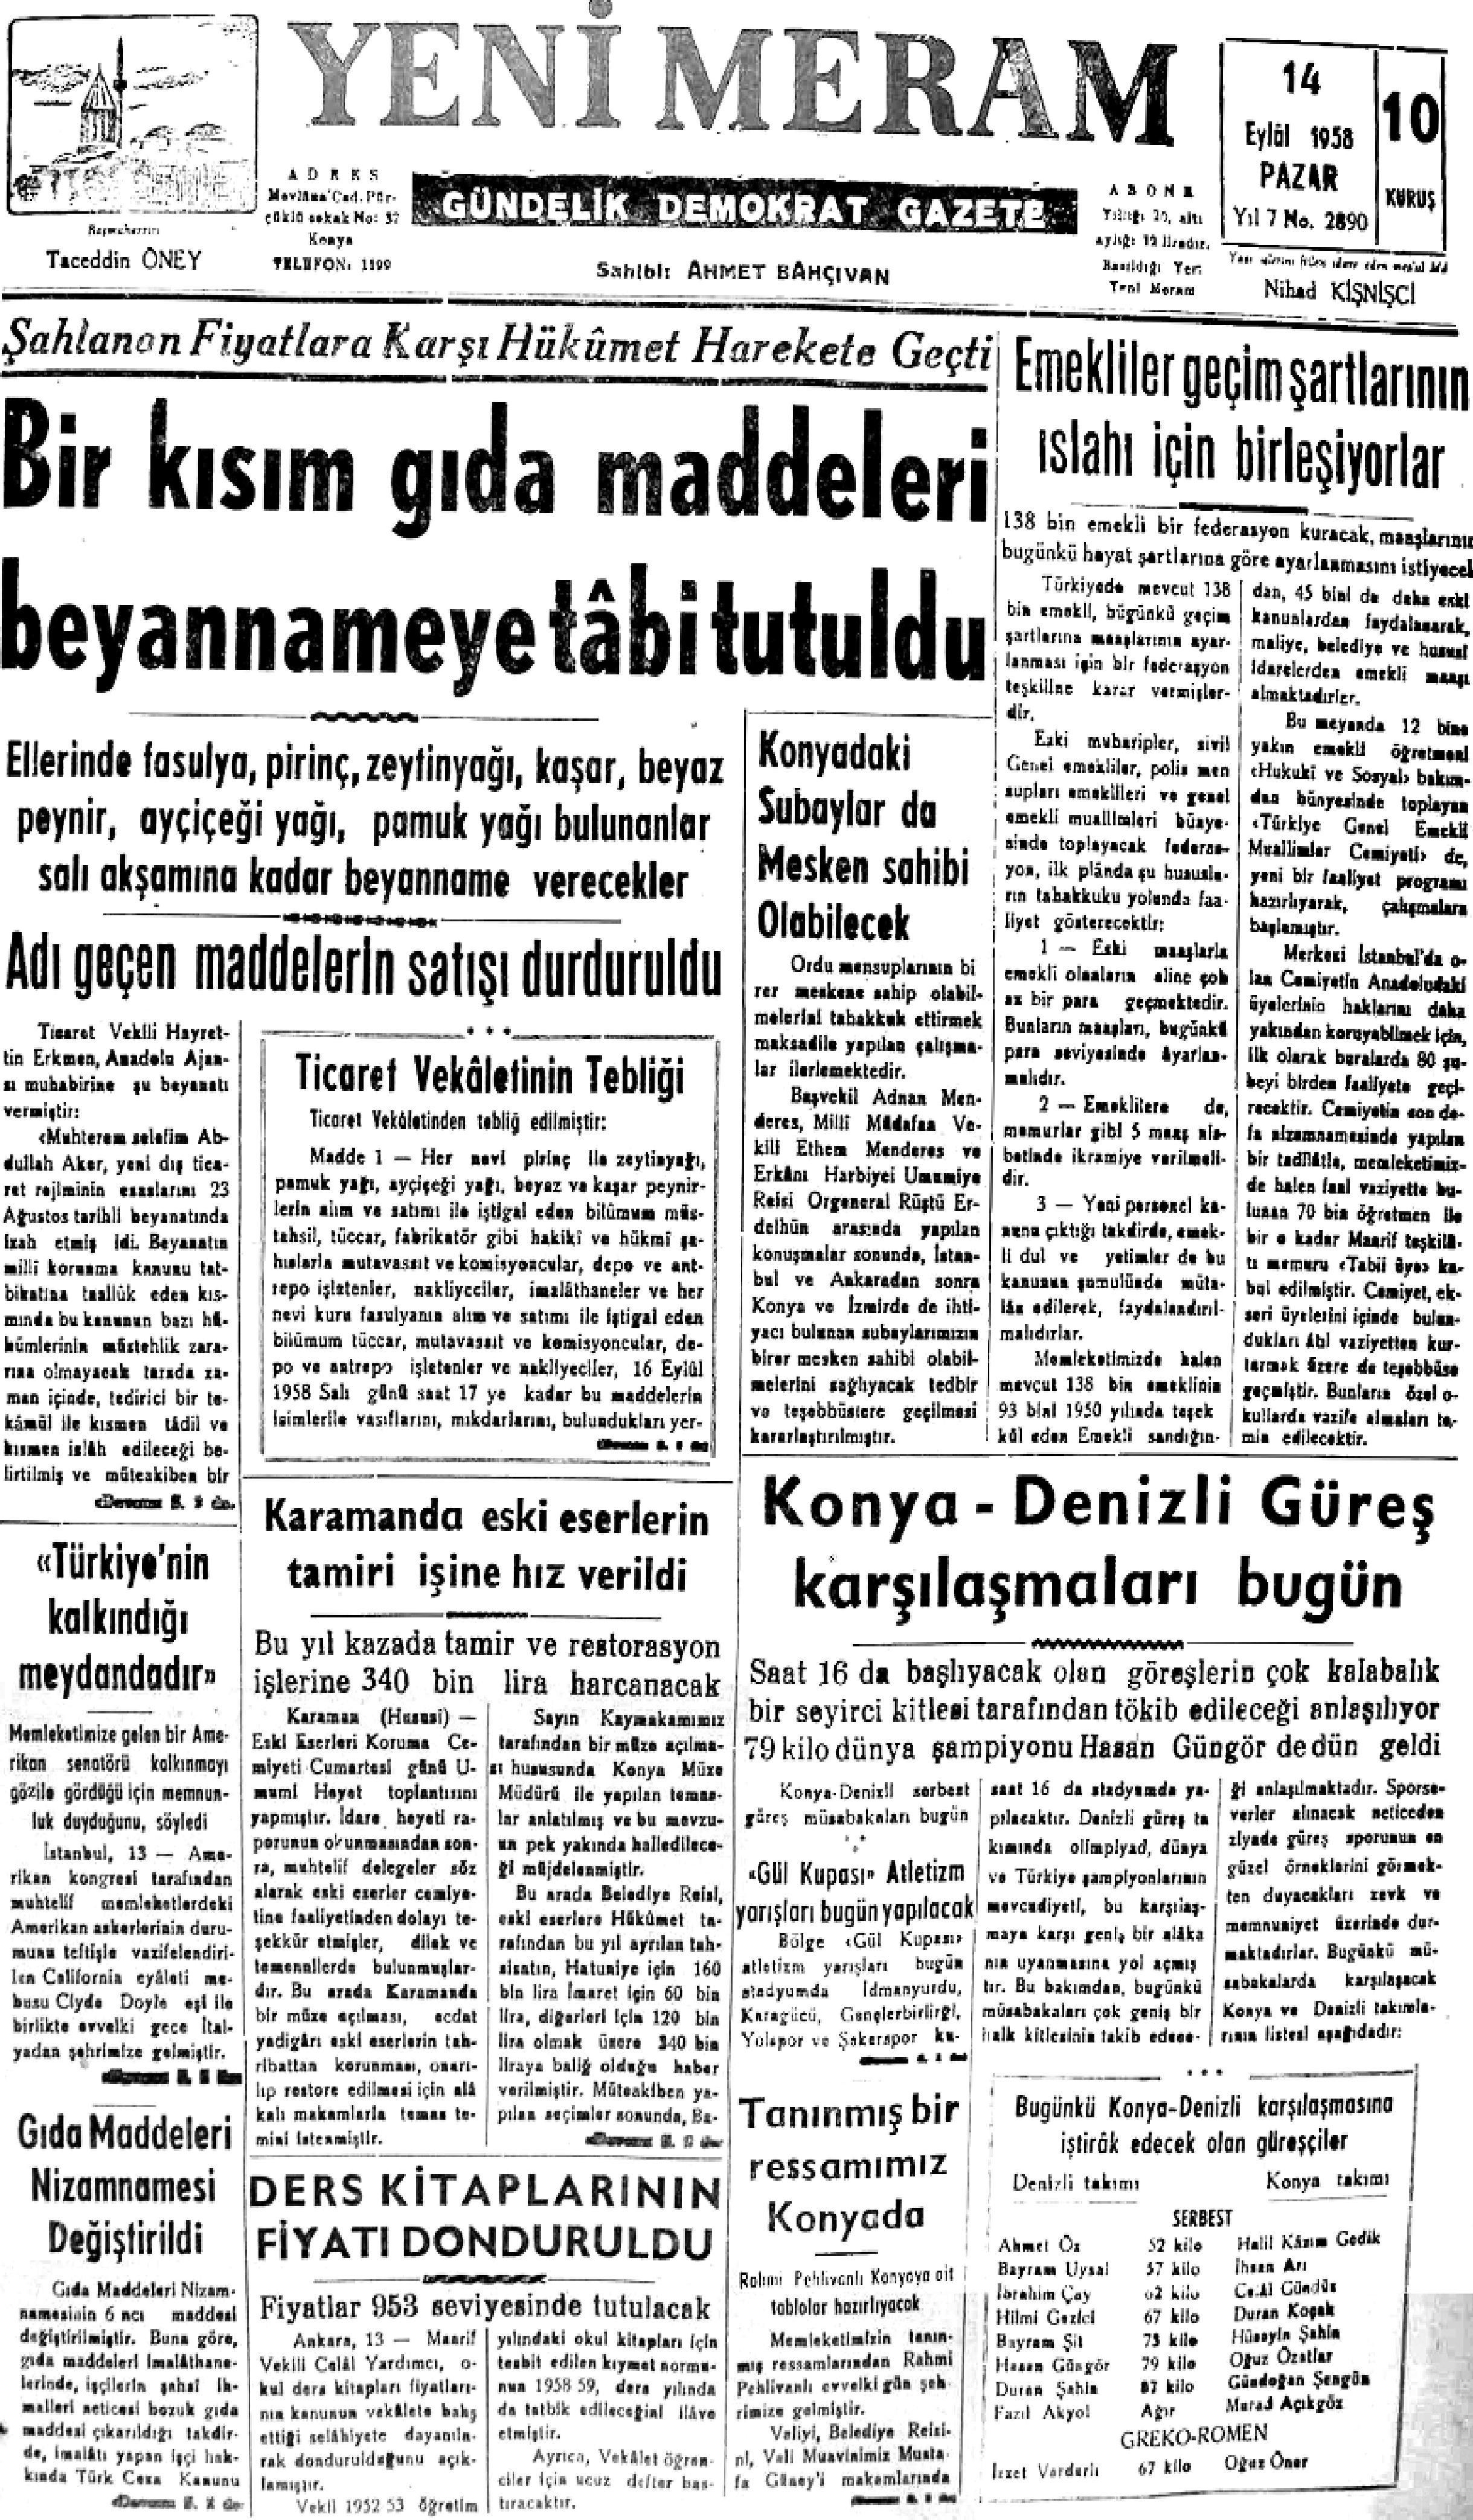 14 Eylül 2021 Yeni Meram Gazetesi